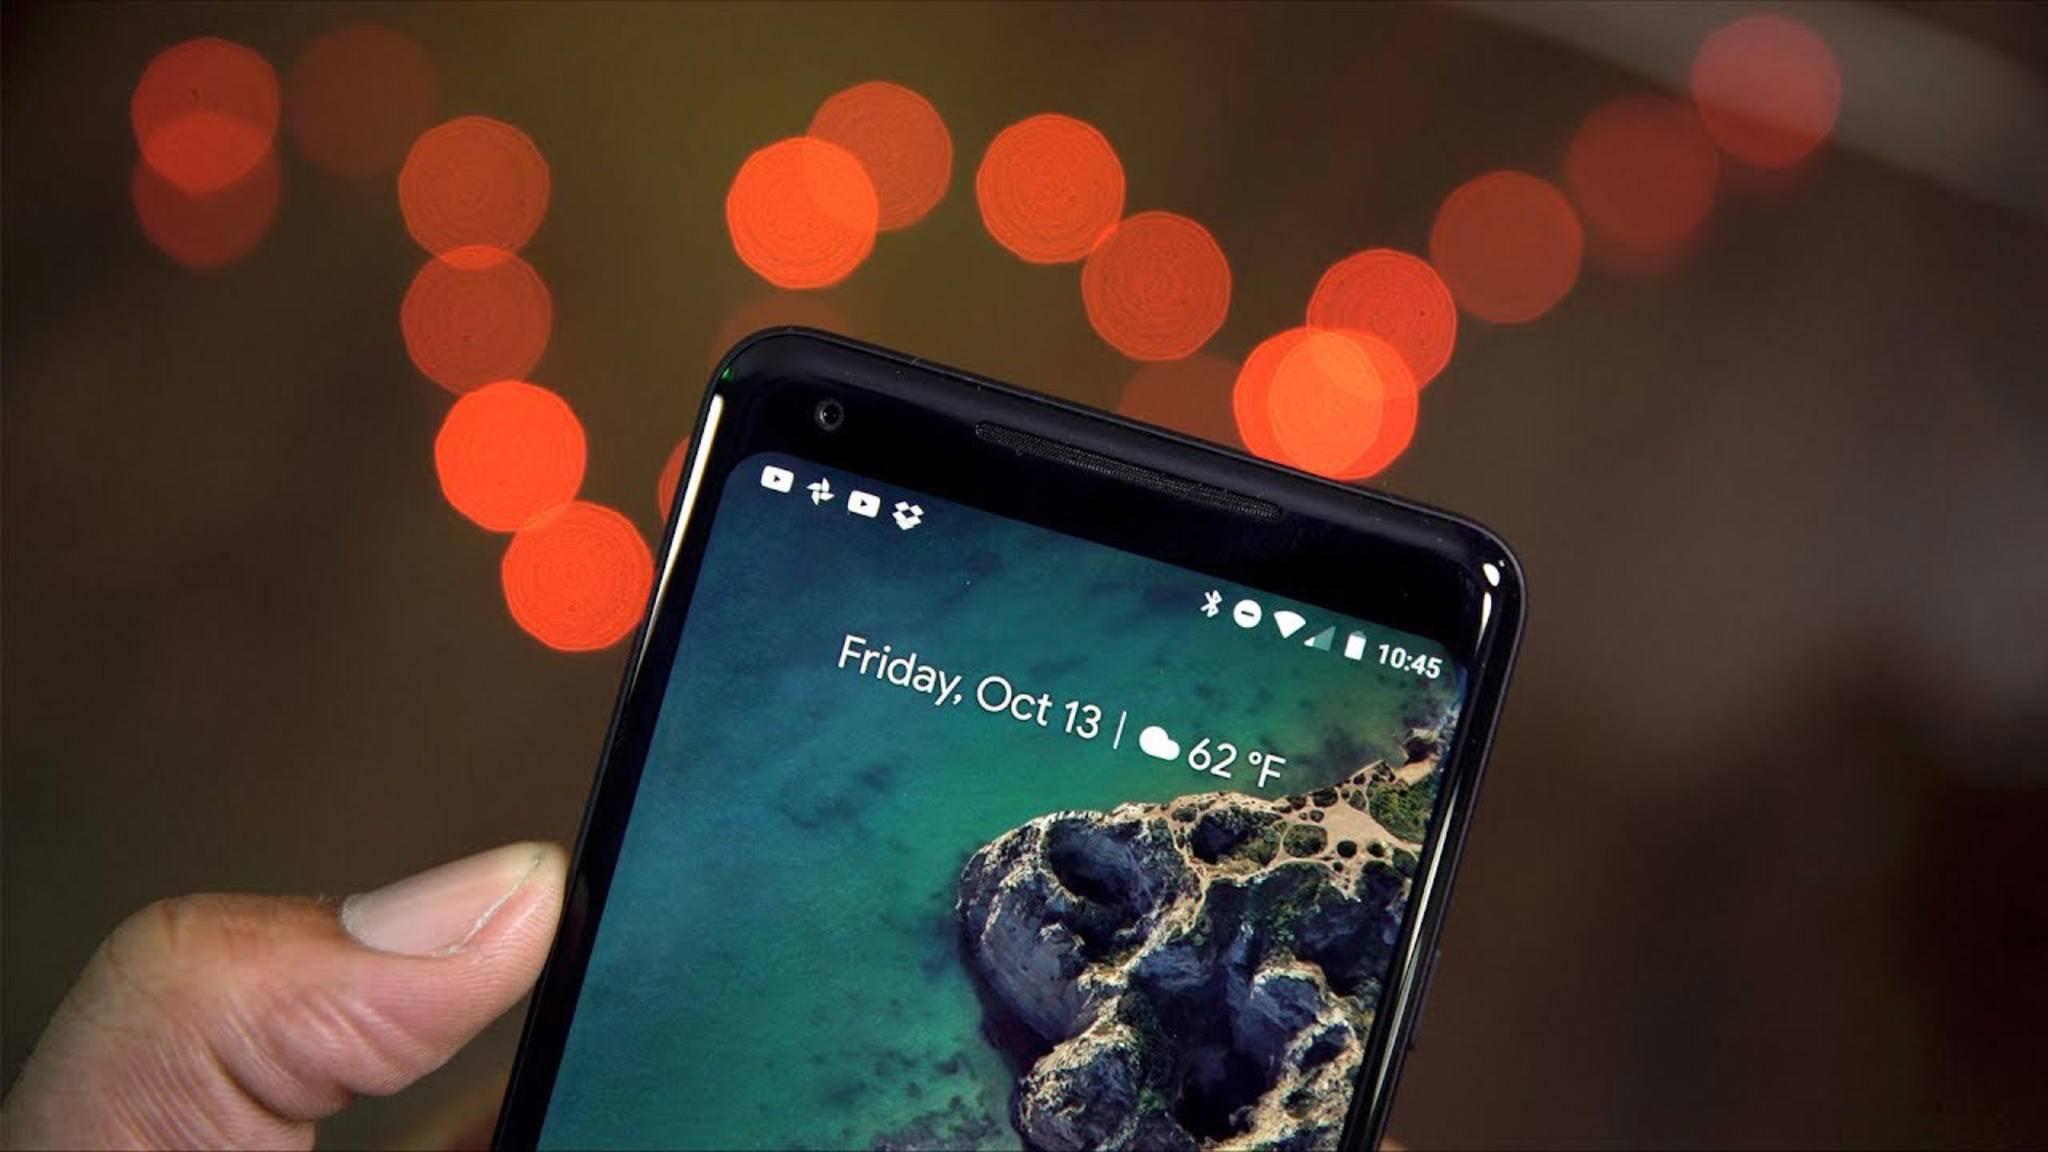 Die HTC-Variante des Pixel 2 XL hätte einen größeren Akku gehabt.